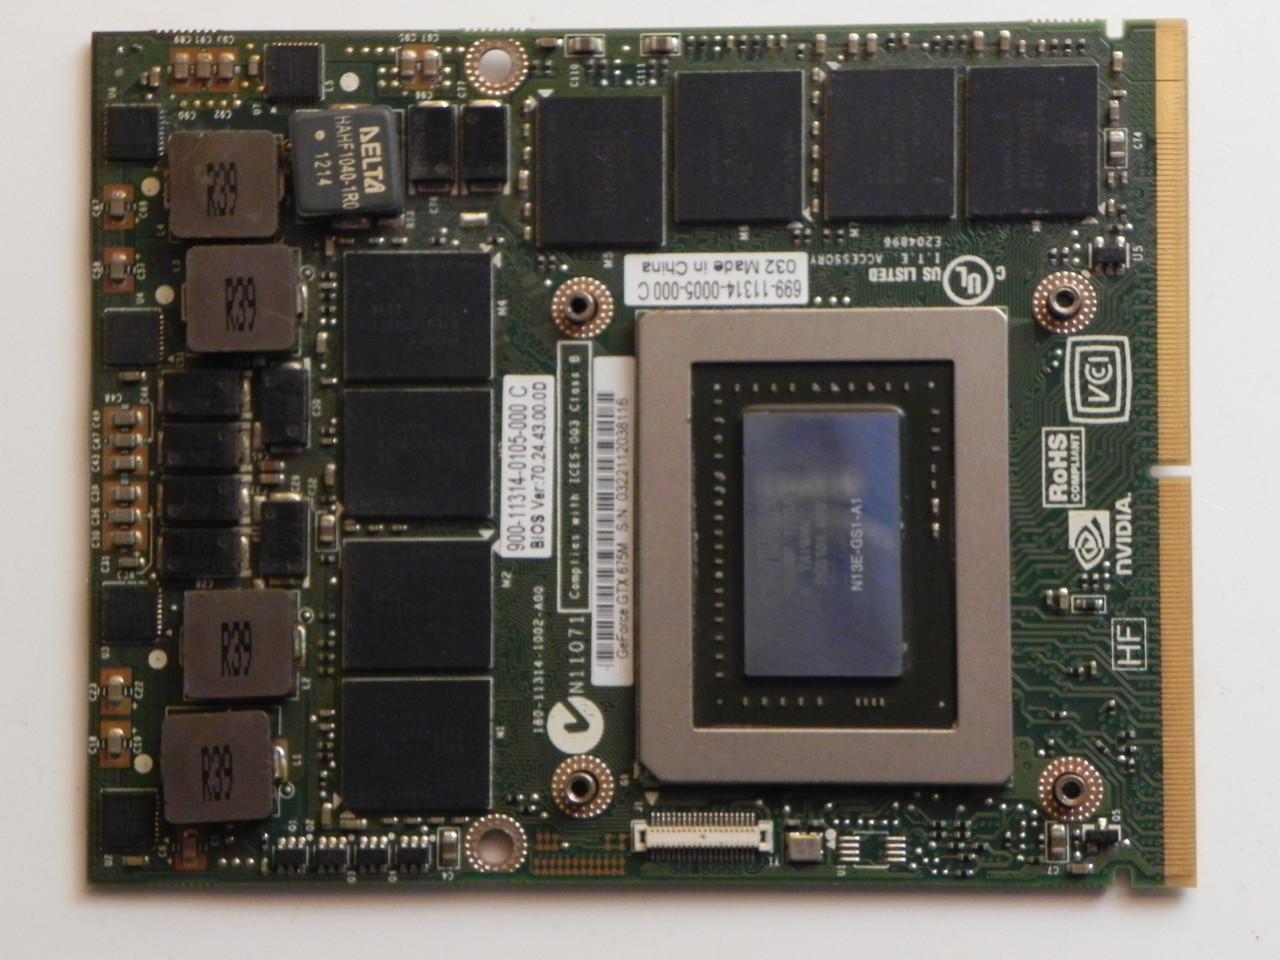 Відеокарта NVIDIA GeForce GTX 675M, N13E-GS1-A1, MSI GT70 GT60 GX660R GT660 GT680 GT683DX GT783DX бу